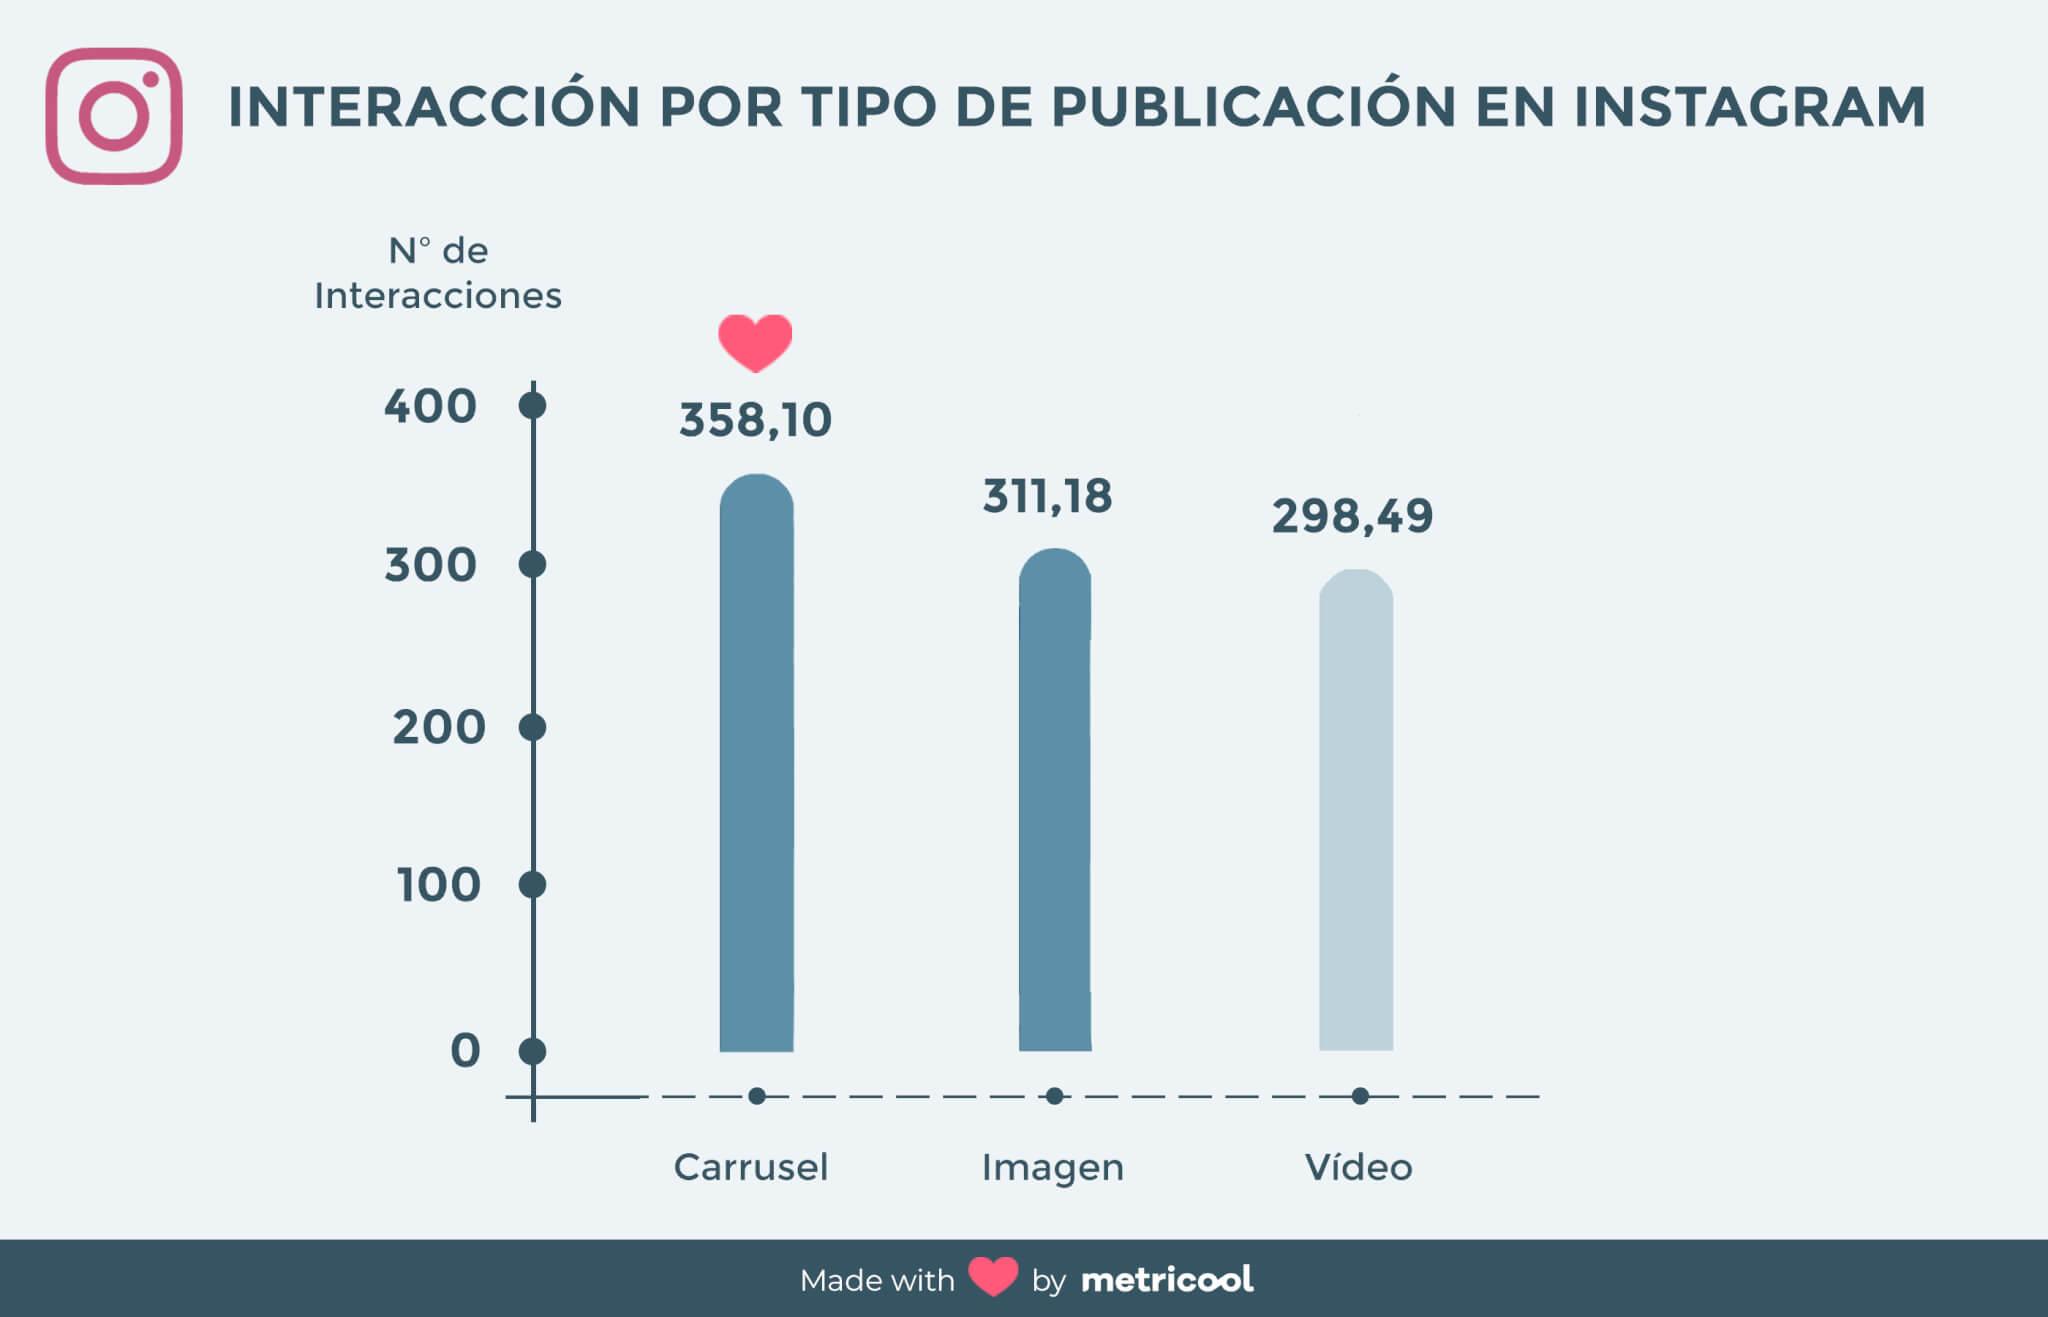 Contenidos virales en Instagram